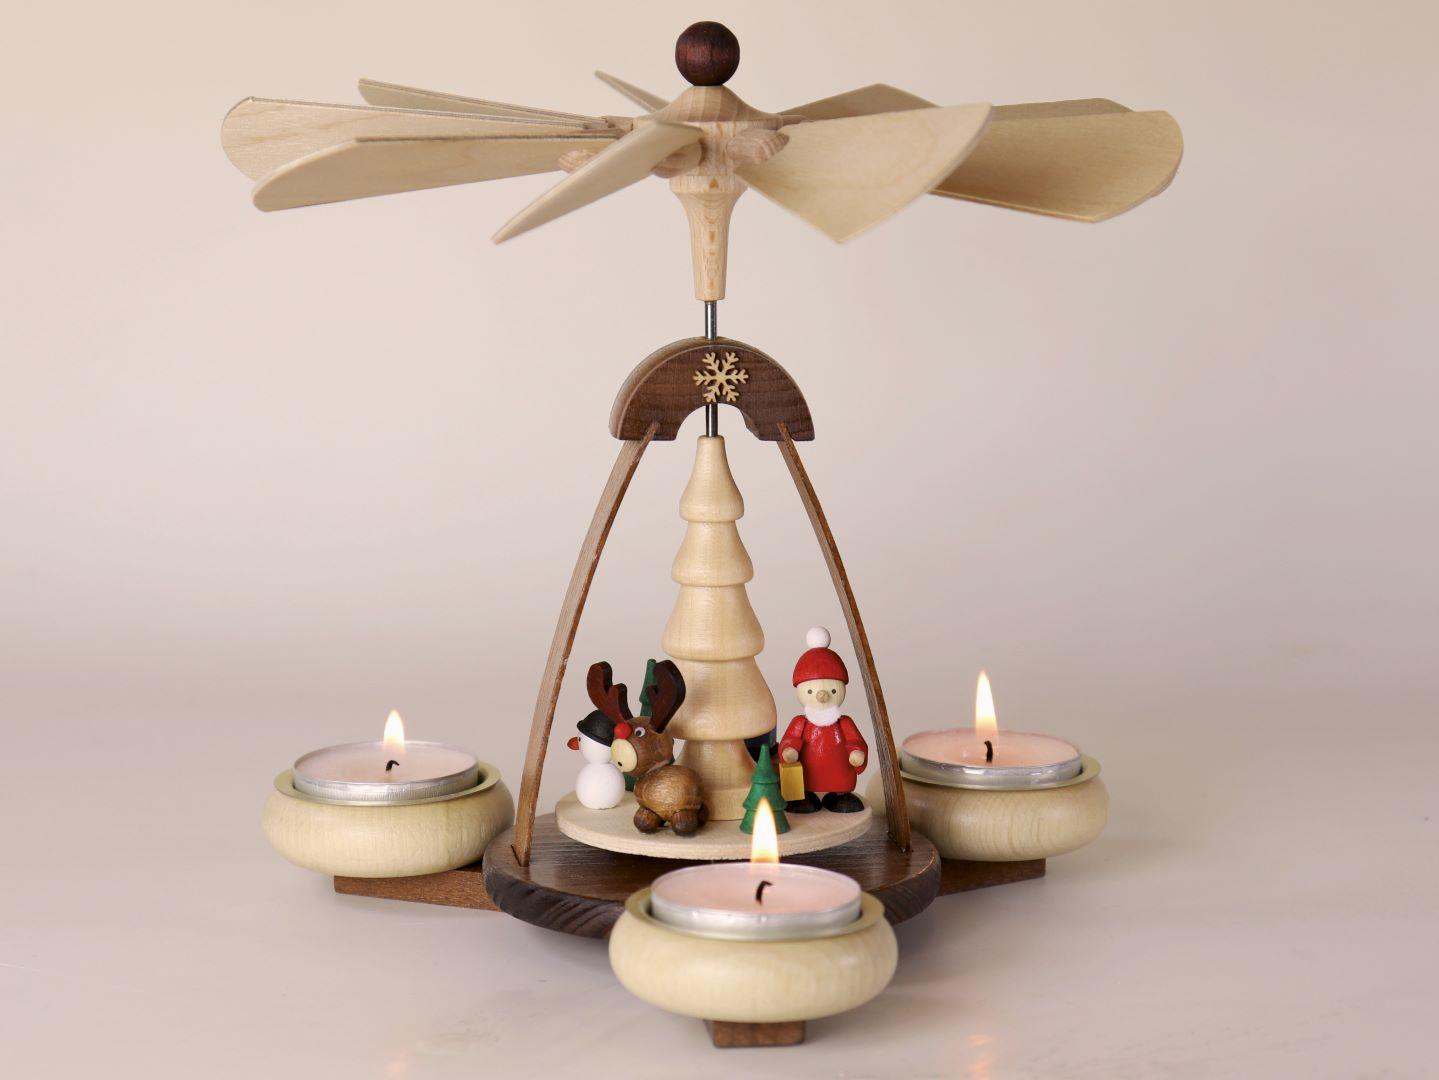 teelichtpyramide_braun_und_tuellen_natur_weihnachtsmotiv_ullrich_kunsthandwerk_paul_ullrich_volkskunstbestehen